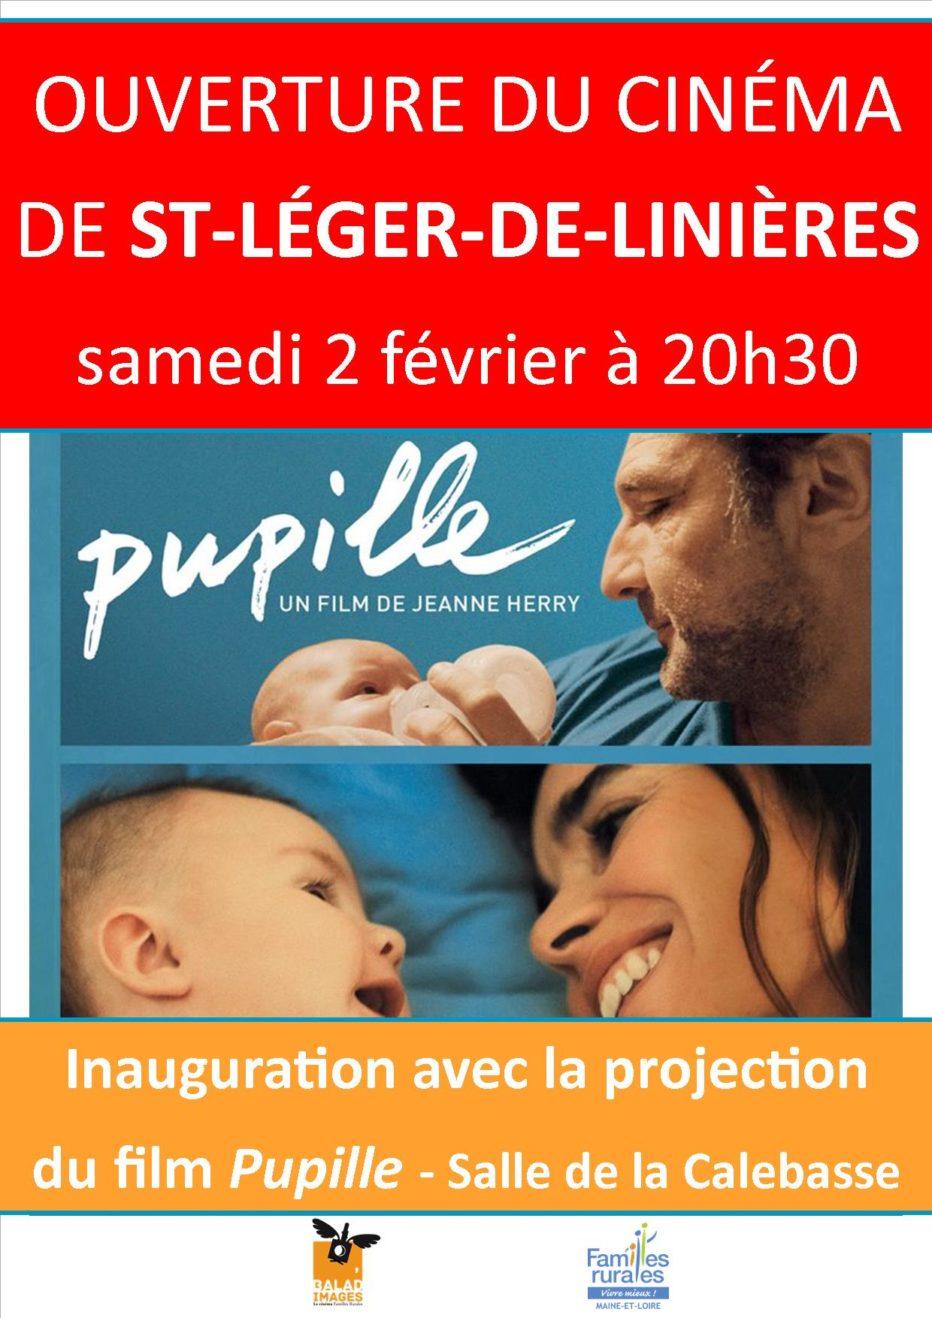 Inauguration de la salle à St-Léger-de-Linière